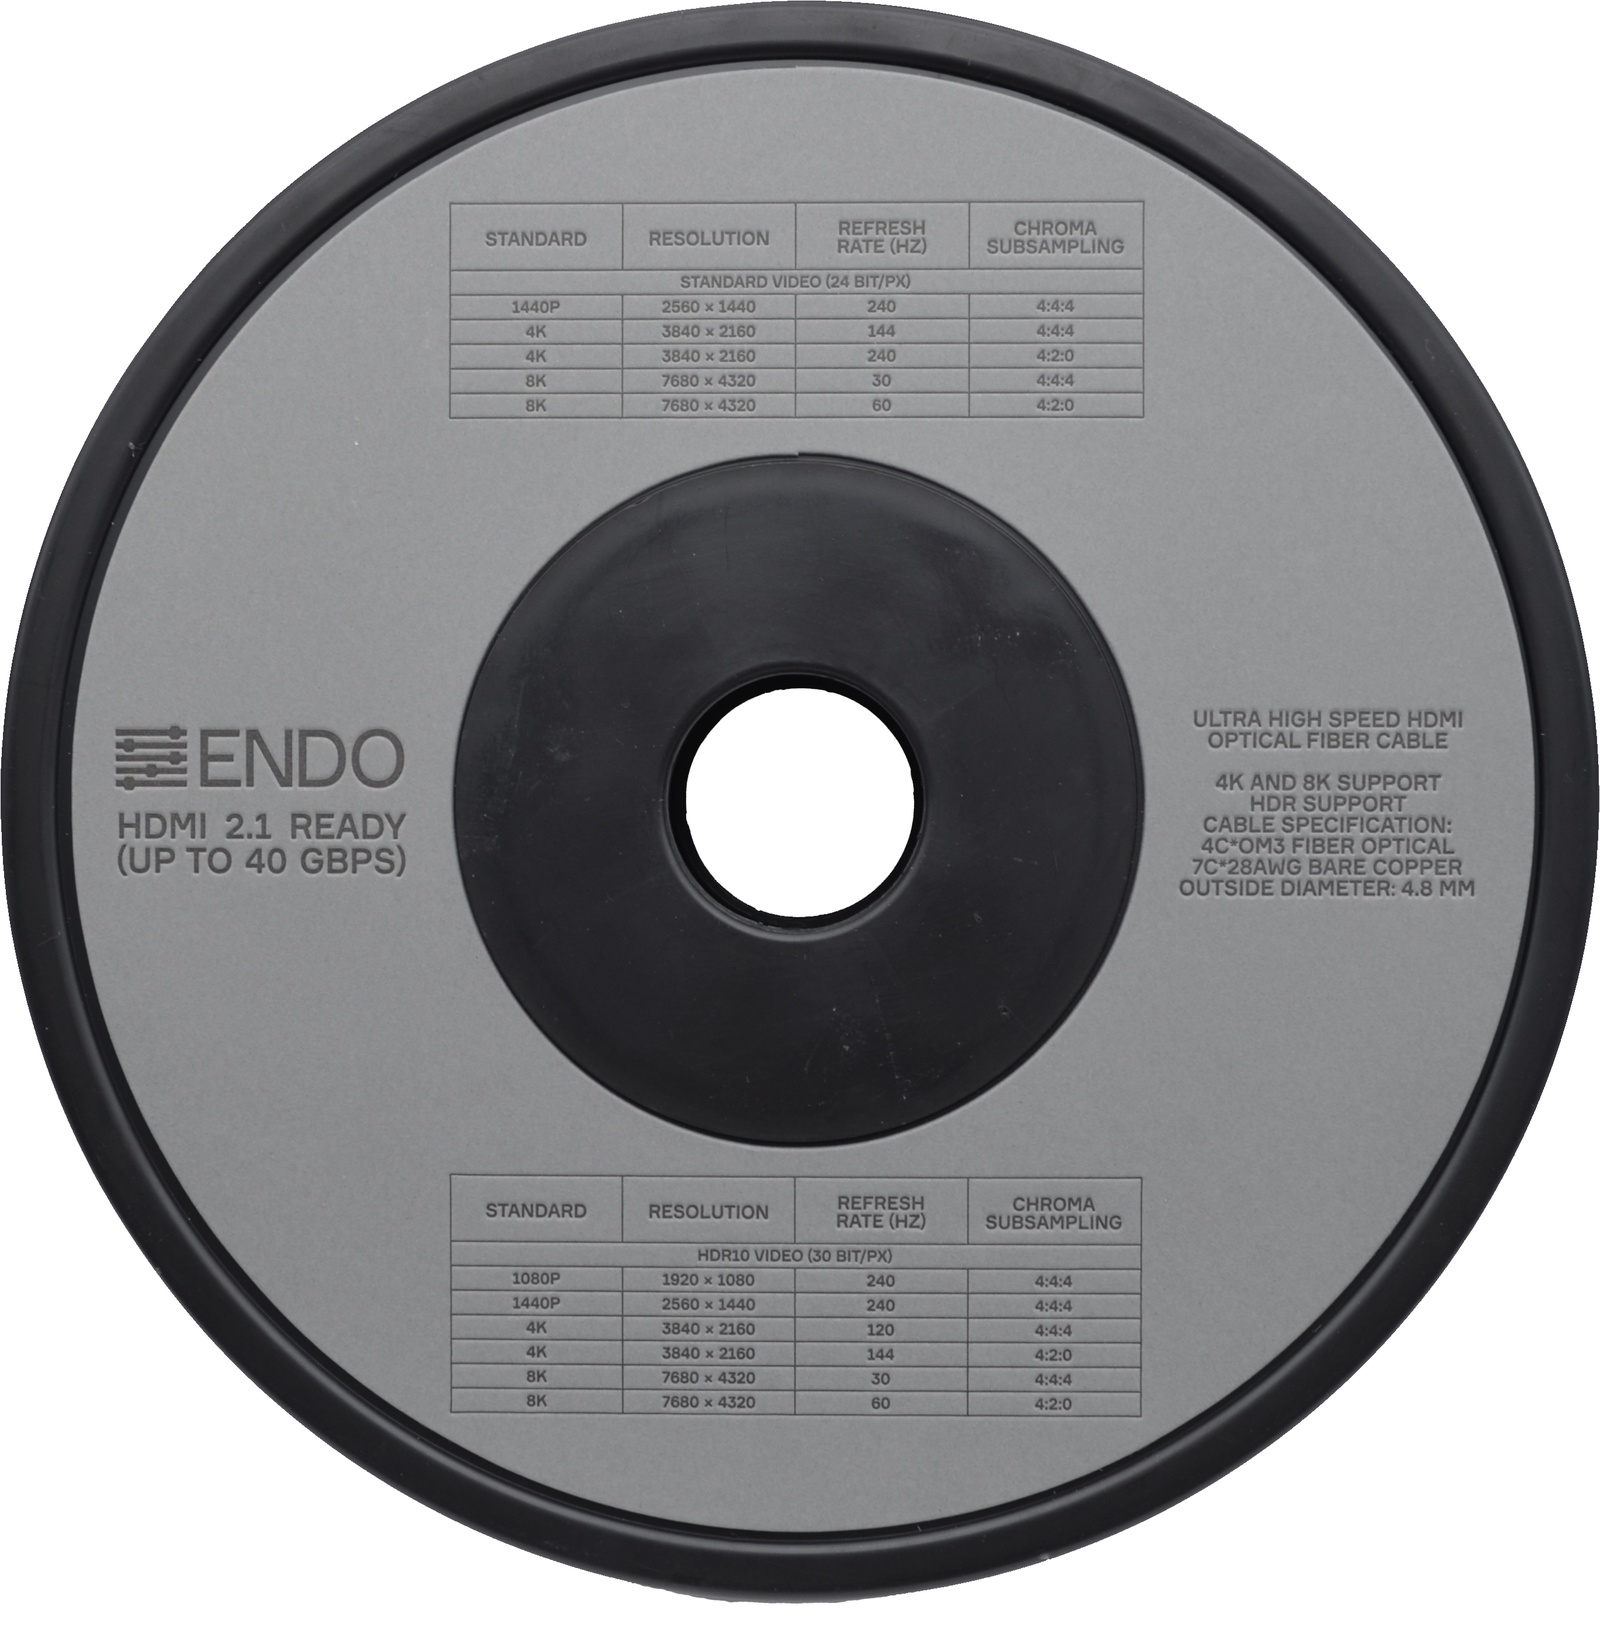 Кабель ENDO Inspiration HDMI - micro-HDMI/HDMI 2.1 READY 80 м и а щапова частотный англо русский словарь минимум по оптоэлектронике и лазерной технике